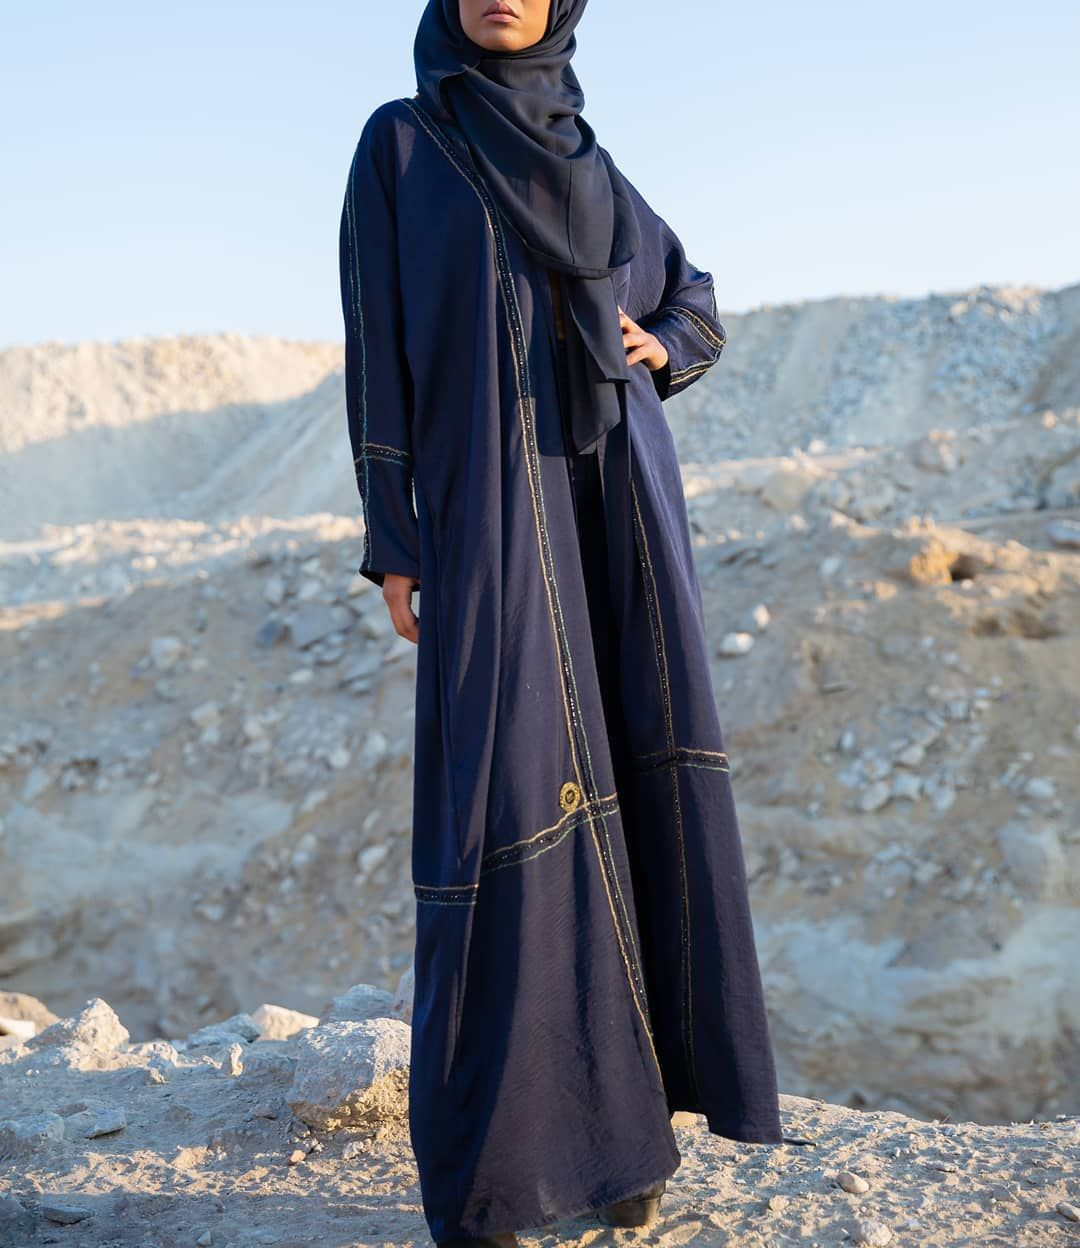 كوني امرأة قوية لا تكسرها التجارب الفاشلة بل تبنيها من جديد رقم العباية 1637 السعر 225 عبايات جوهرة Fashion Raincoat Coat